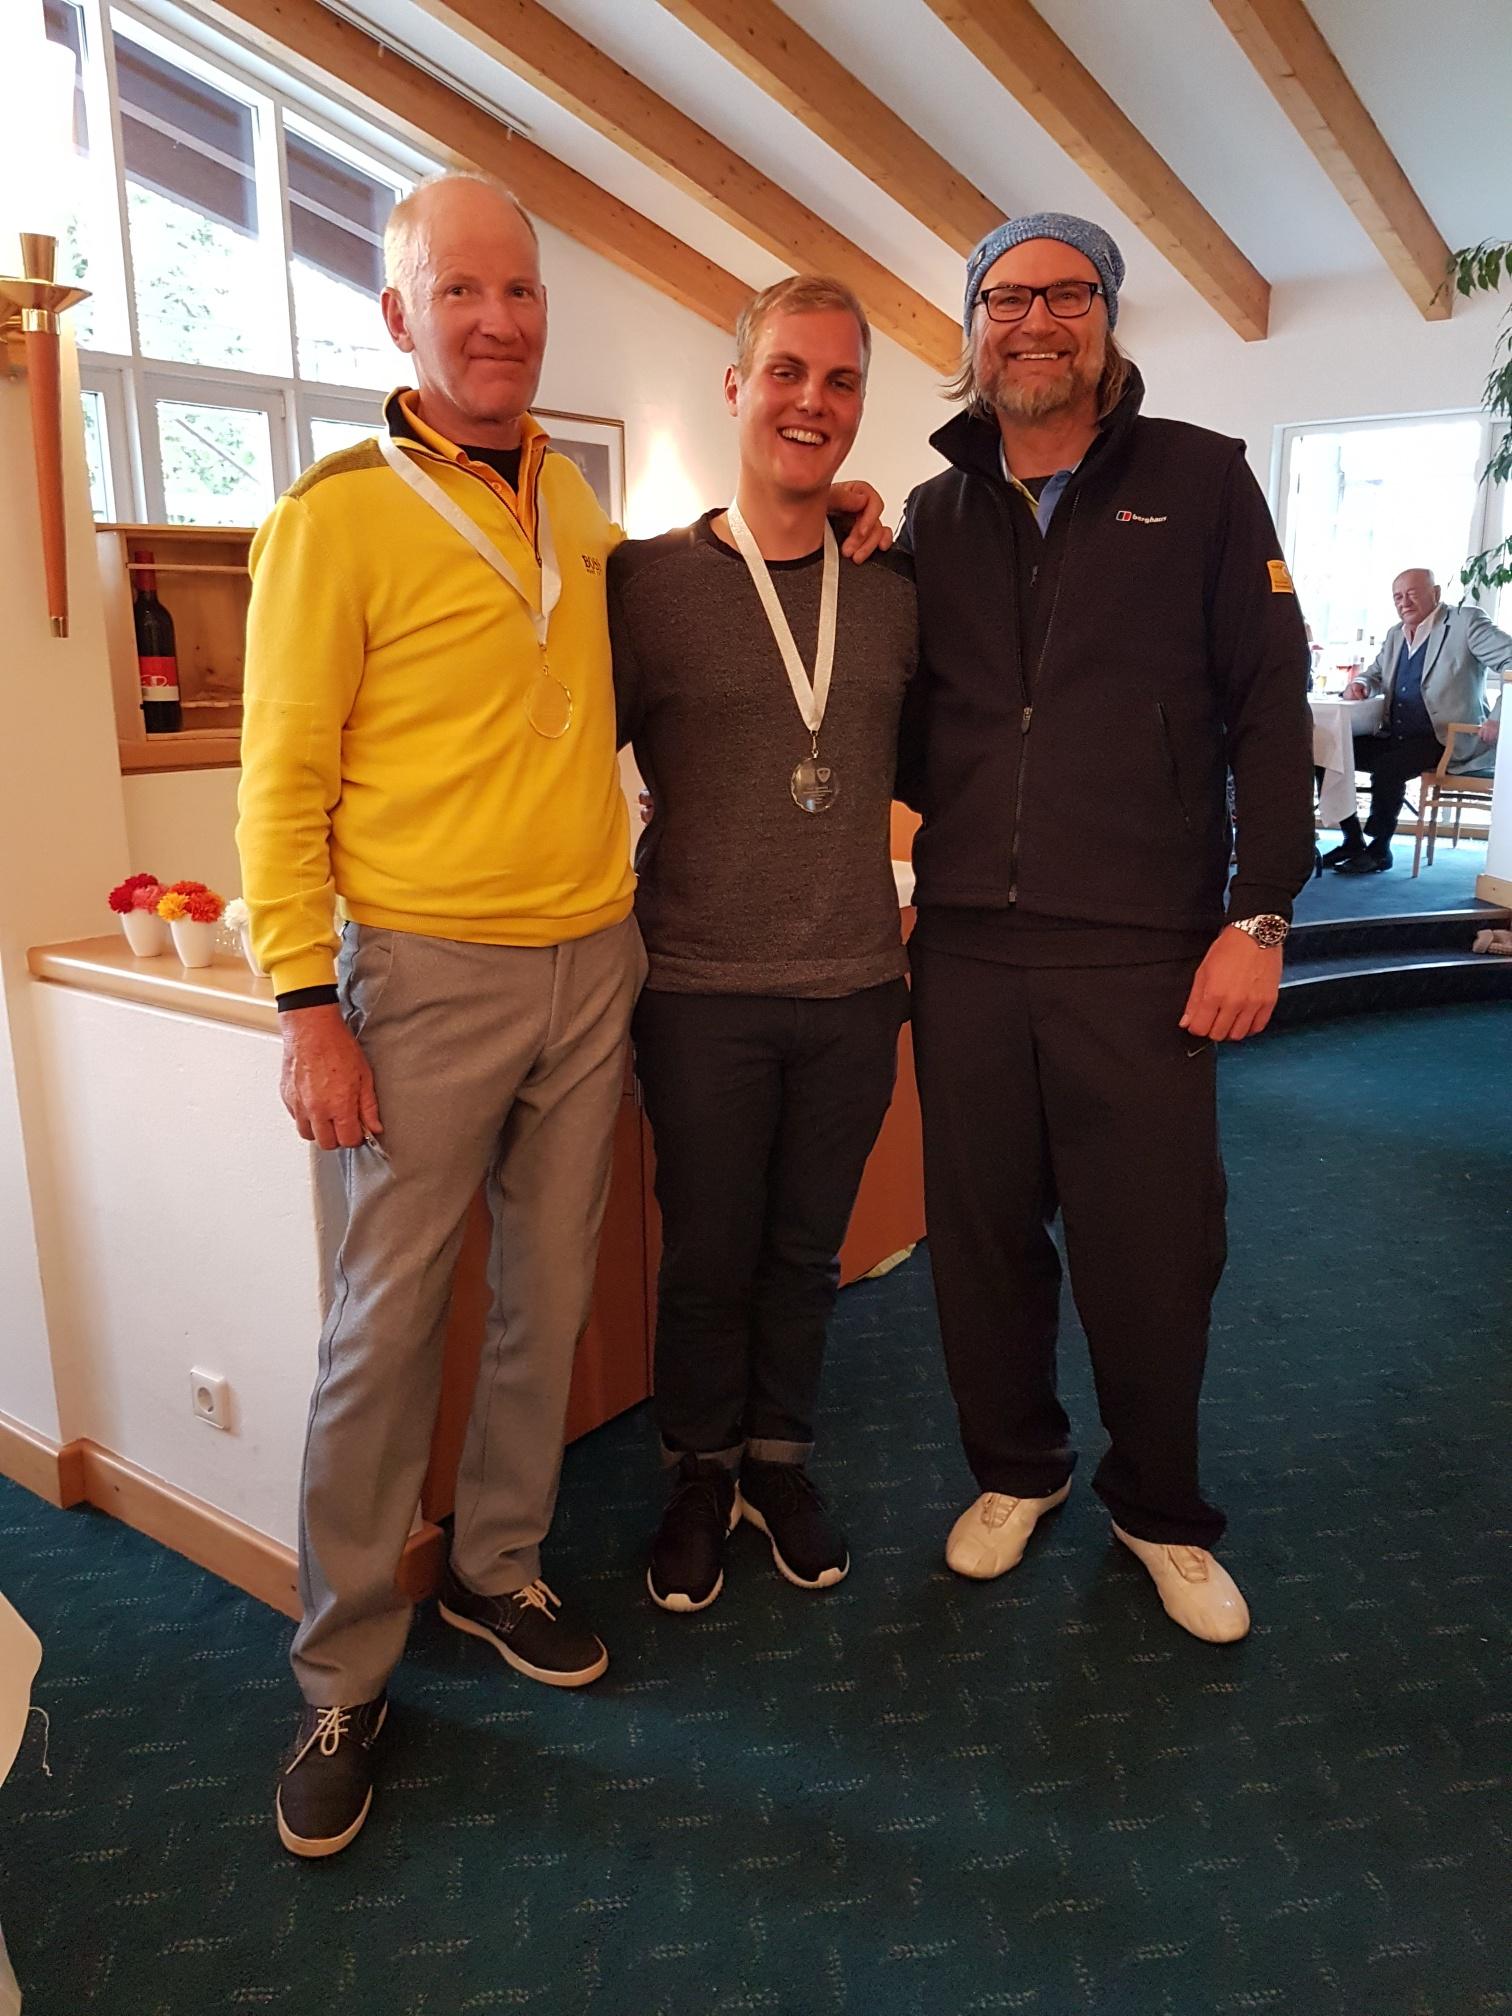 Mit 44 Nettopunkten auf dem Zweiten Platz landeten (von links) Wolfgang Bächle und Mark Hummel. Als Pro sorgte Bächle auch für den besten Brutto-Score. Starke 34 Punkte standen am Ende zu Buche.